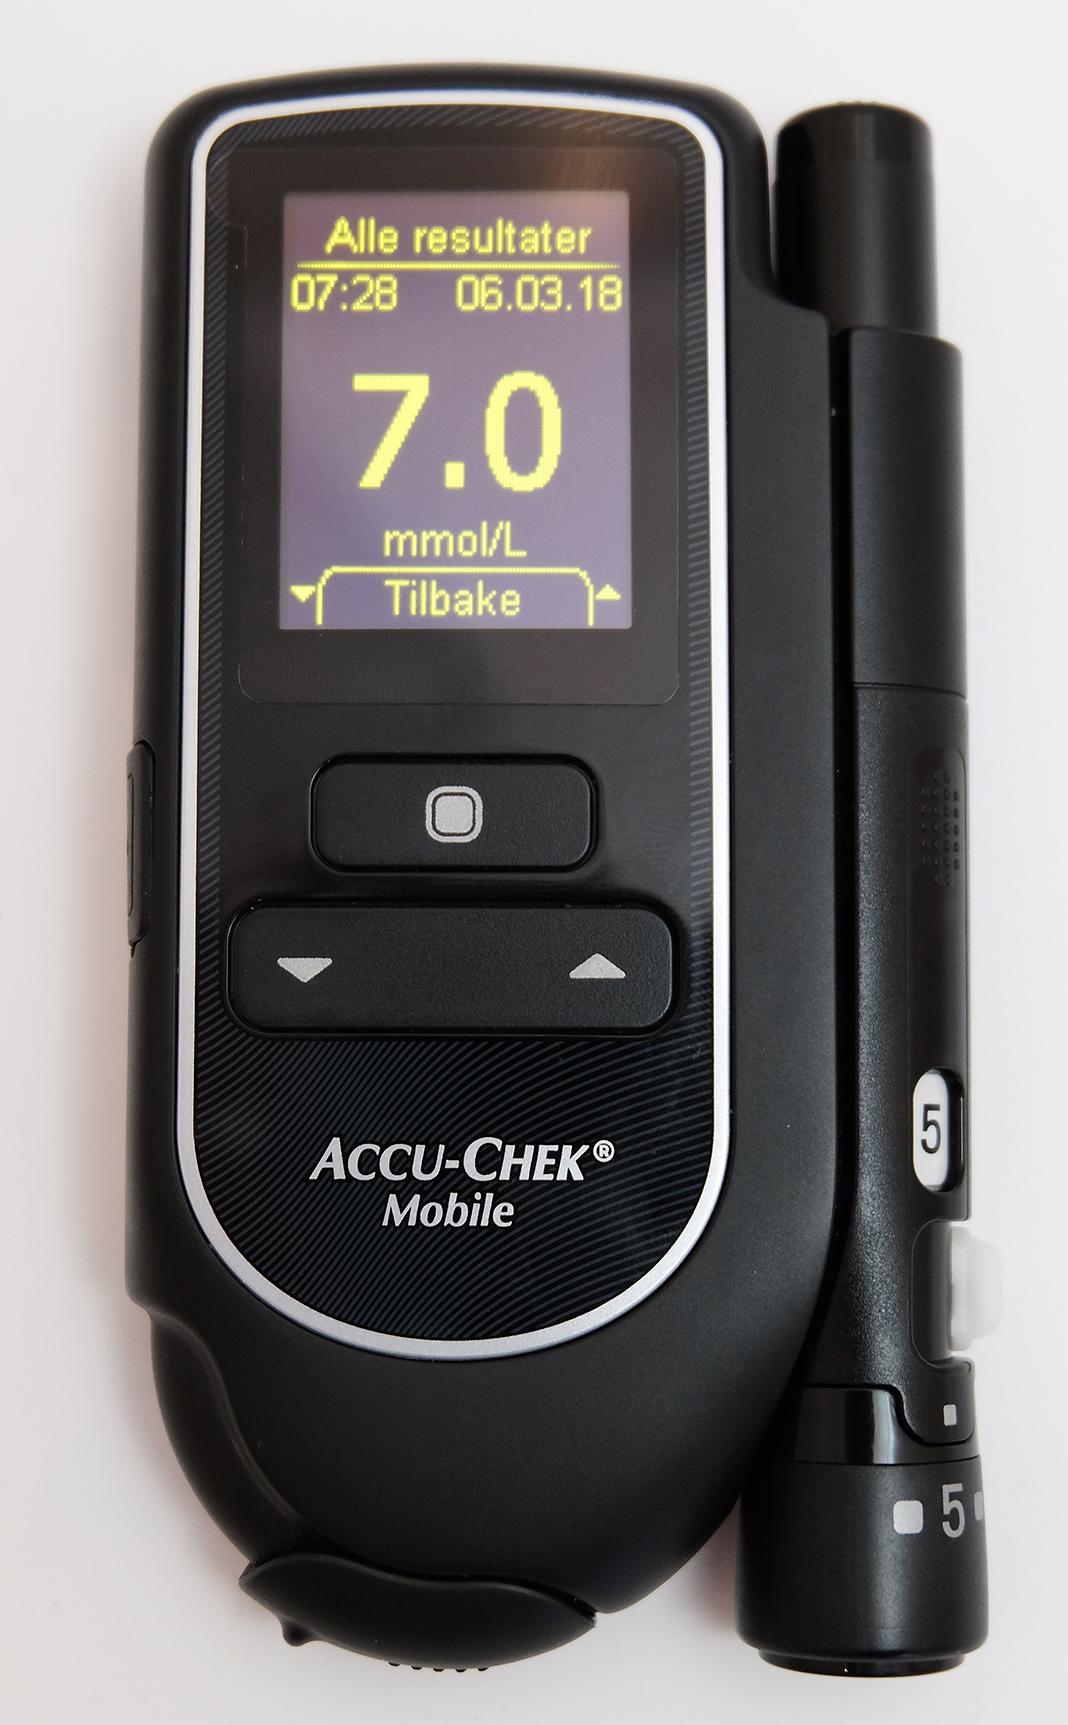 Blodsukkerapparat med resultat